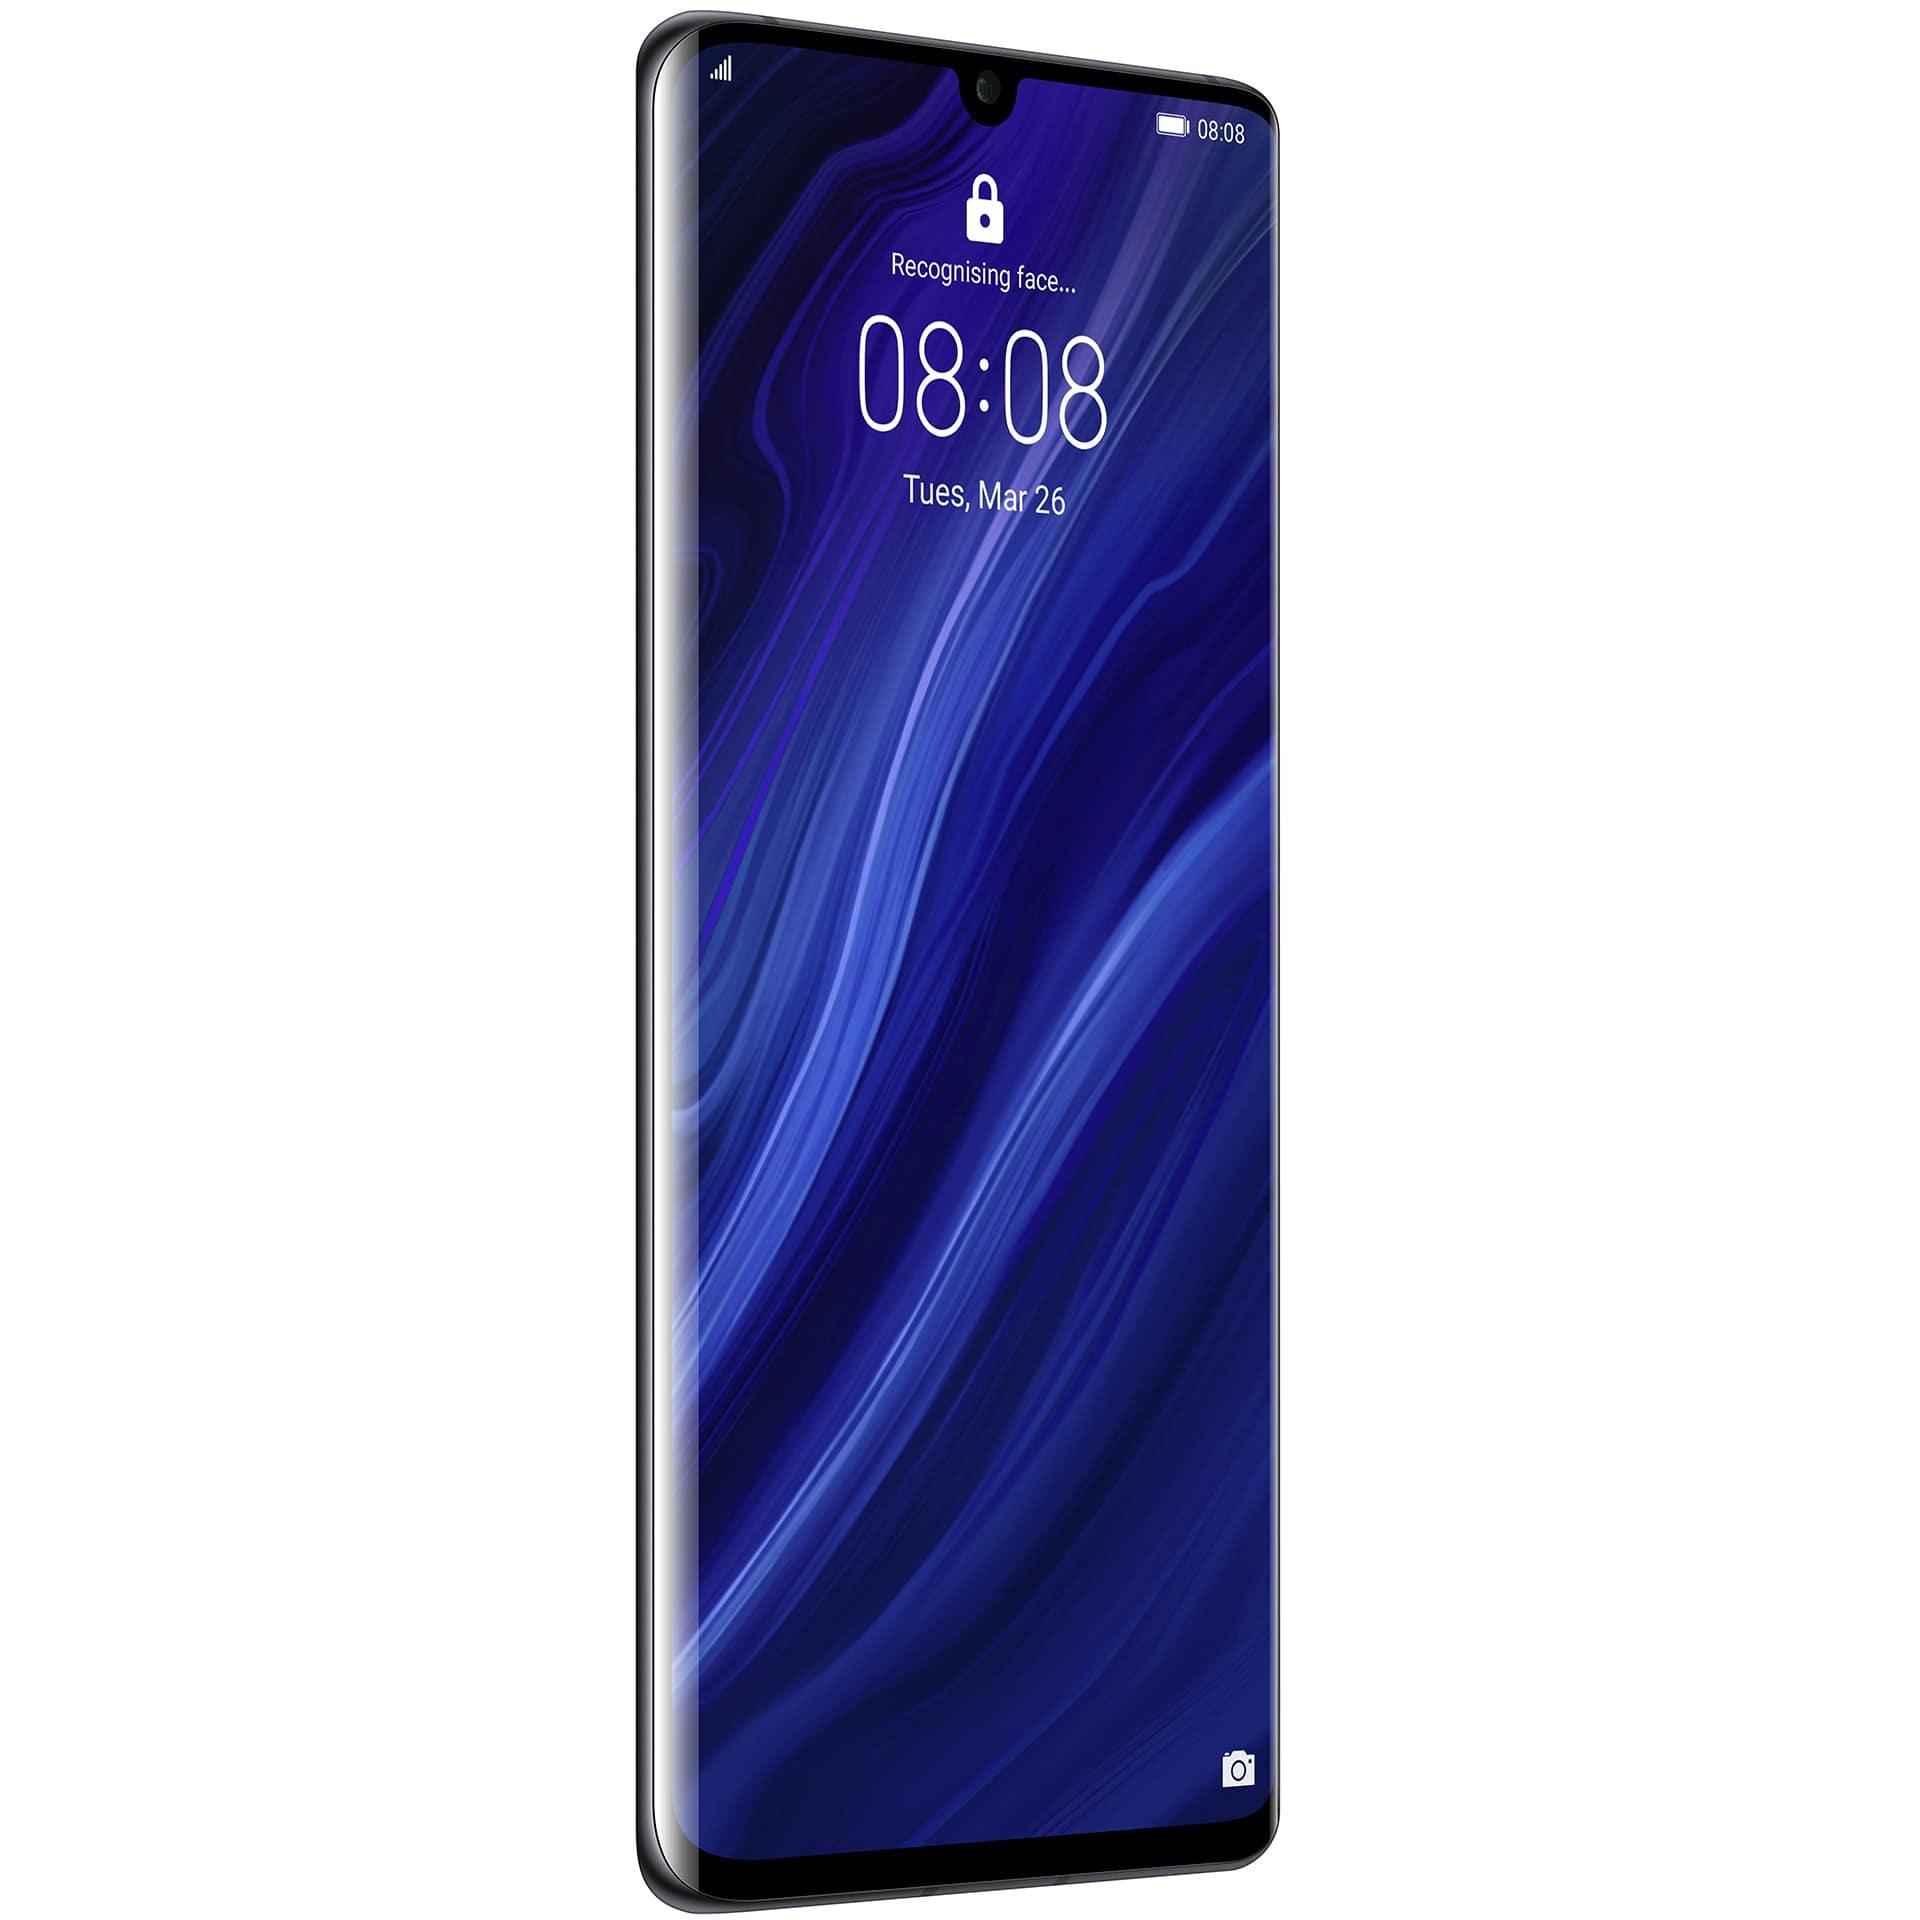 mobiiltelefon Huawei P30 Pro 128 GB  (must)